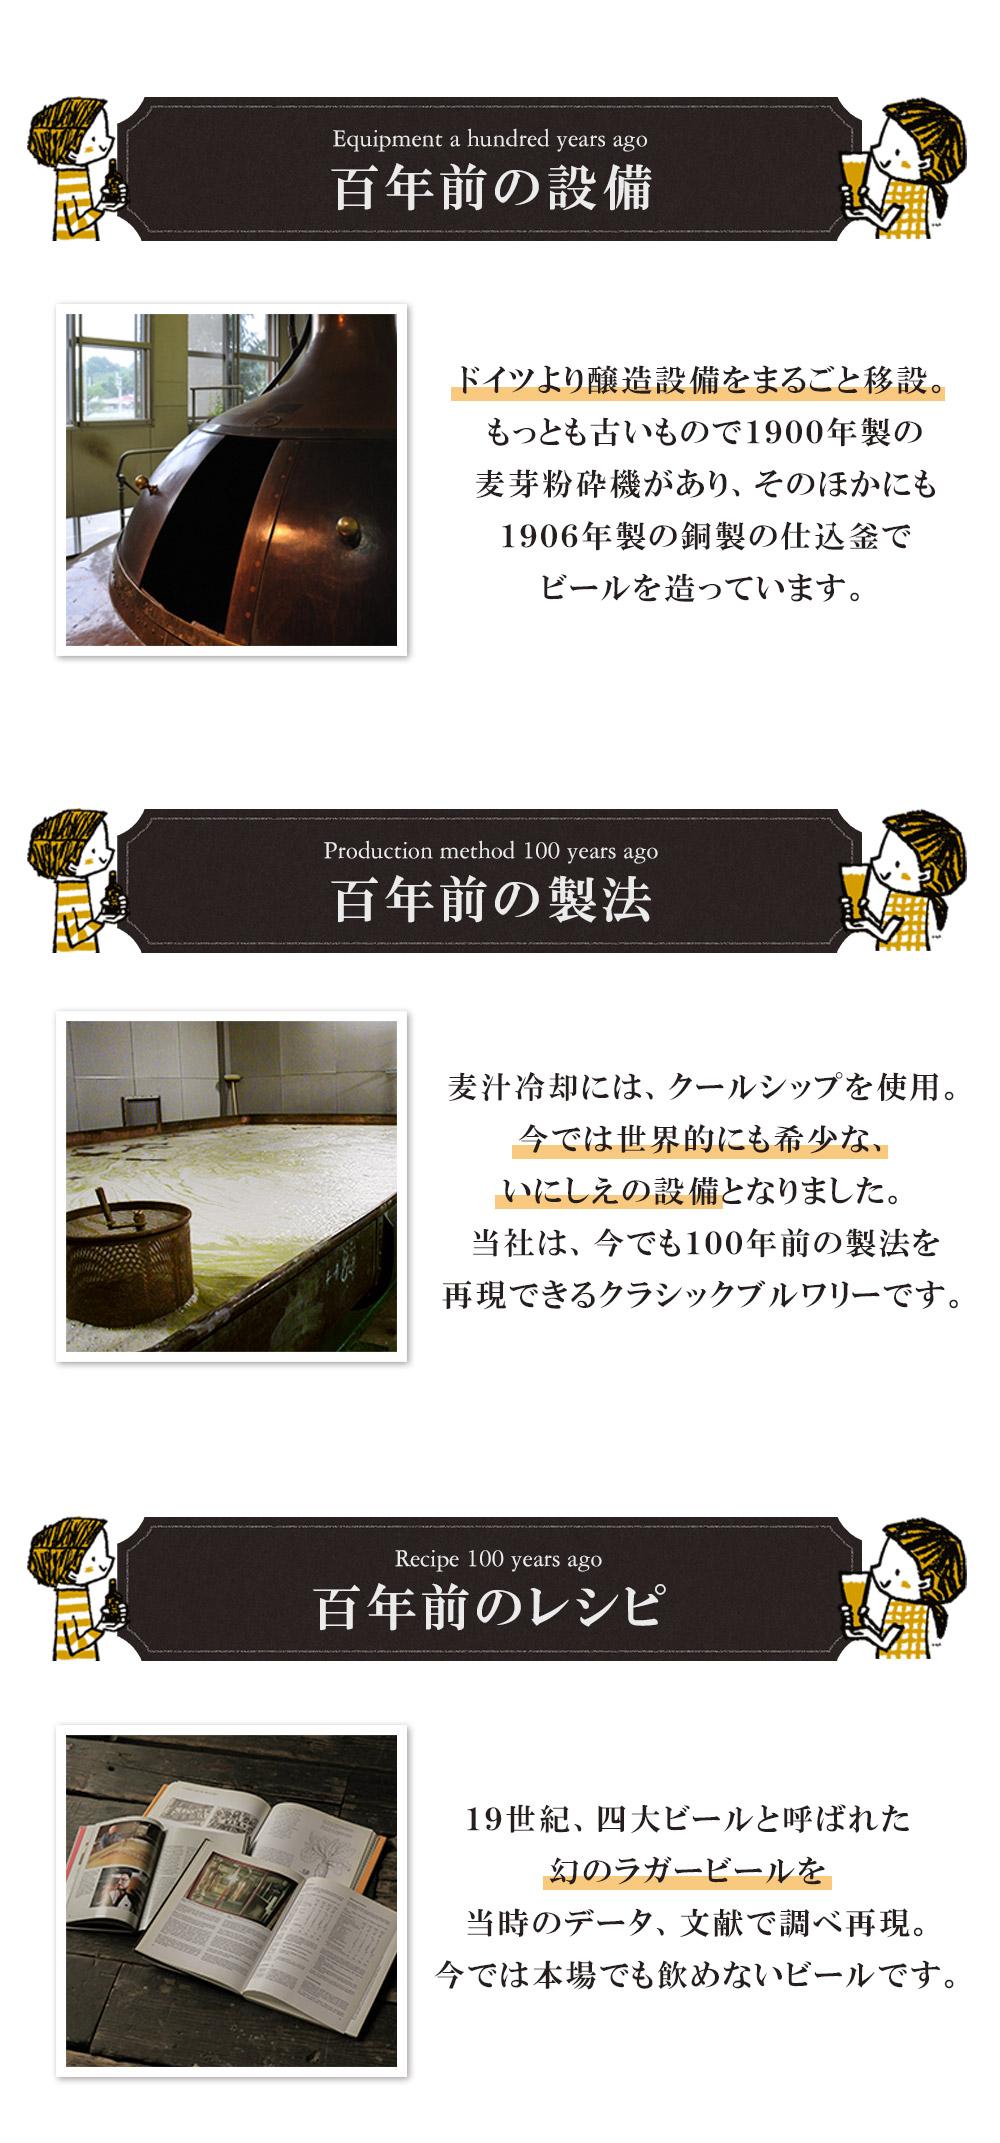 百年前の製法。麦汁冷却に、日本では当社しかないクールシップを使用。世界的にも稀少な設備で100年前の製法を再現しました。